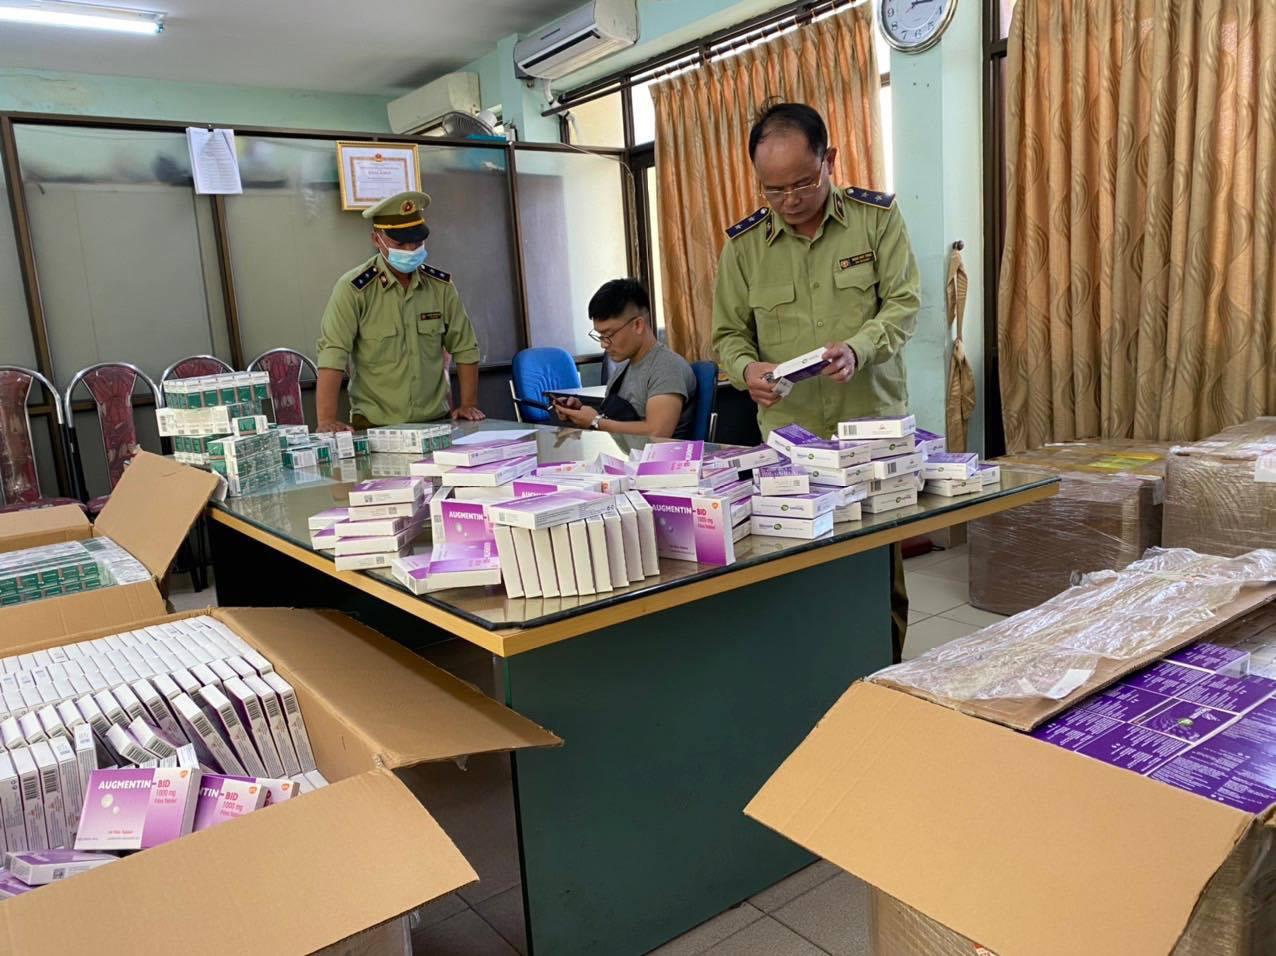 Hà Nội: Phát hiện số lượng lớn thuốc tân dược được mua trôi nổi trên Facebook, chuẩn bị tuồn vào các hiệu thuốc-1